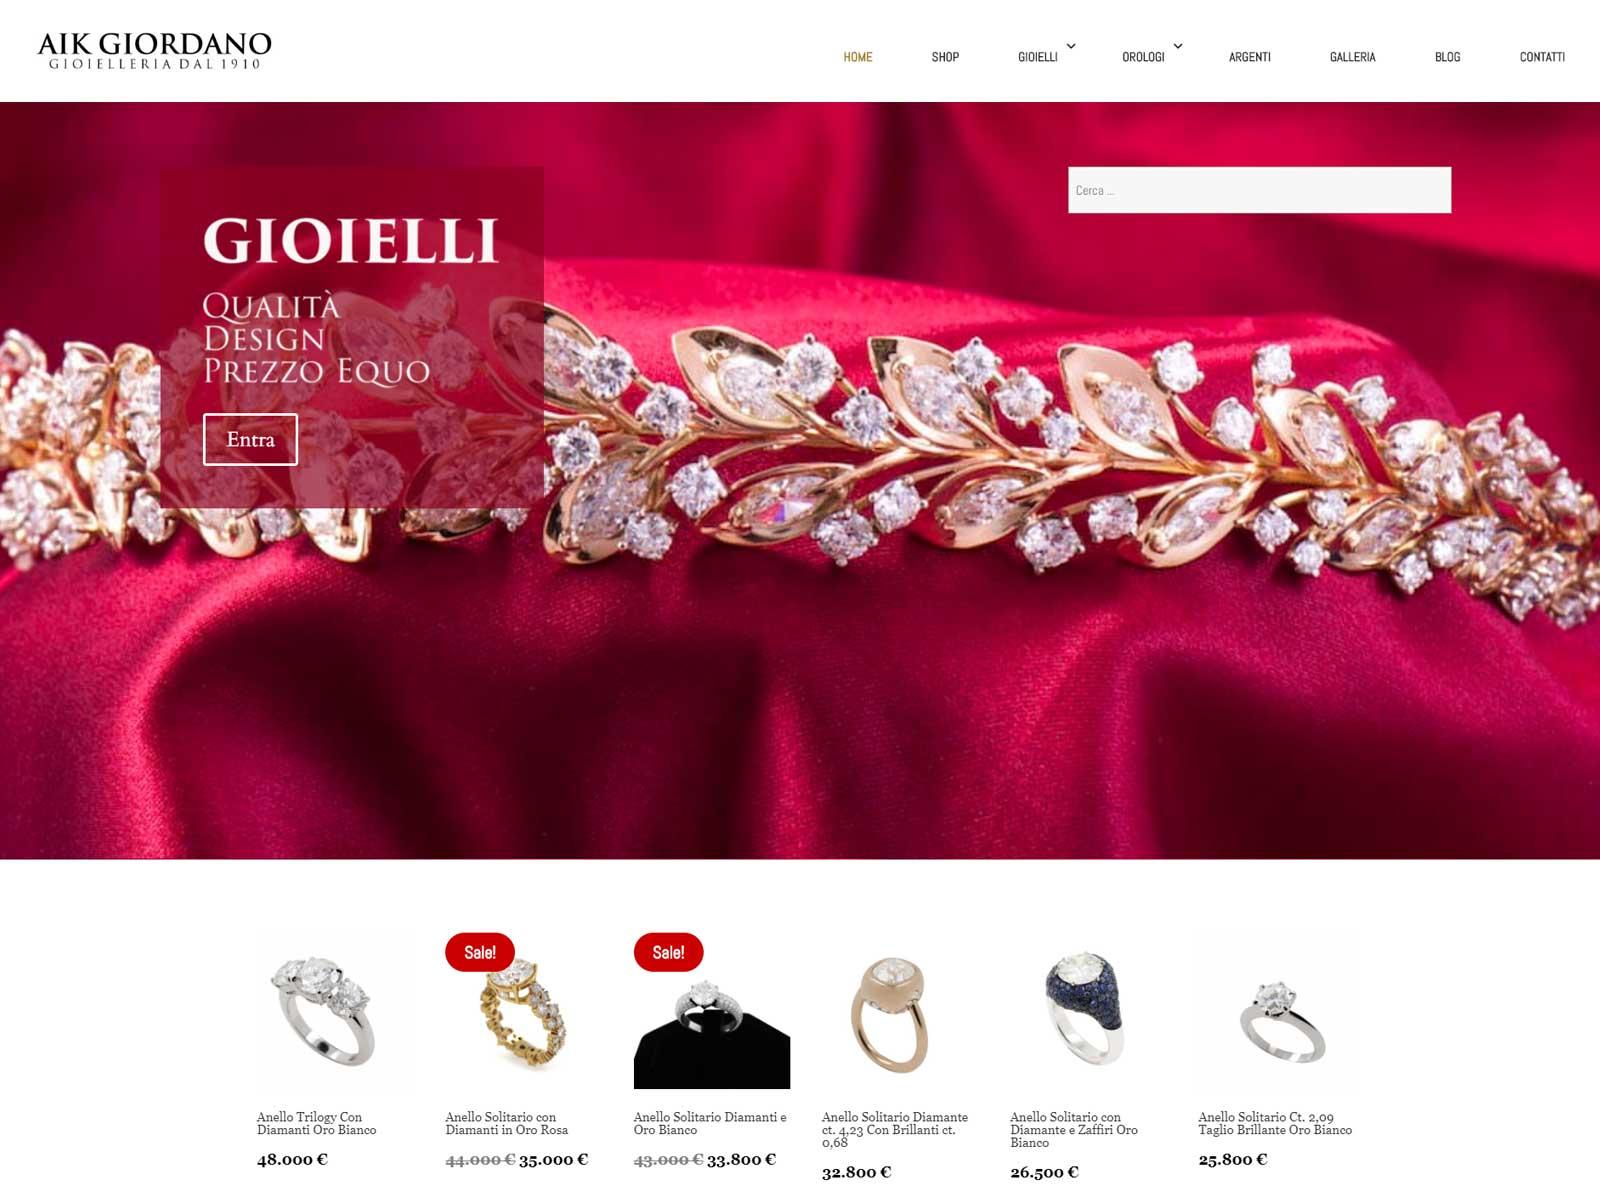 Realizzazione siti web: Gioielleria Aik Giordano